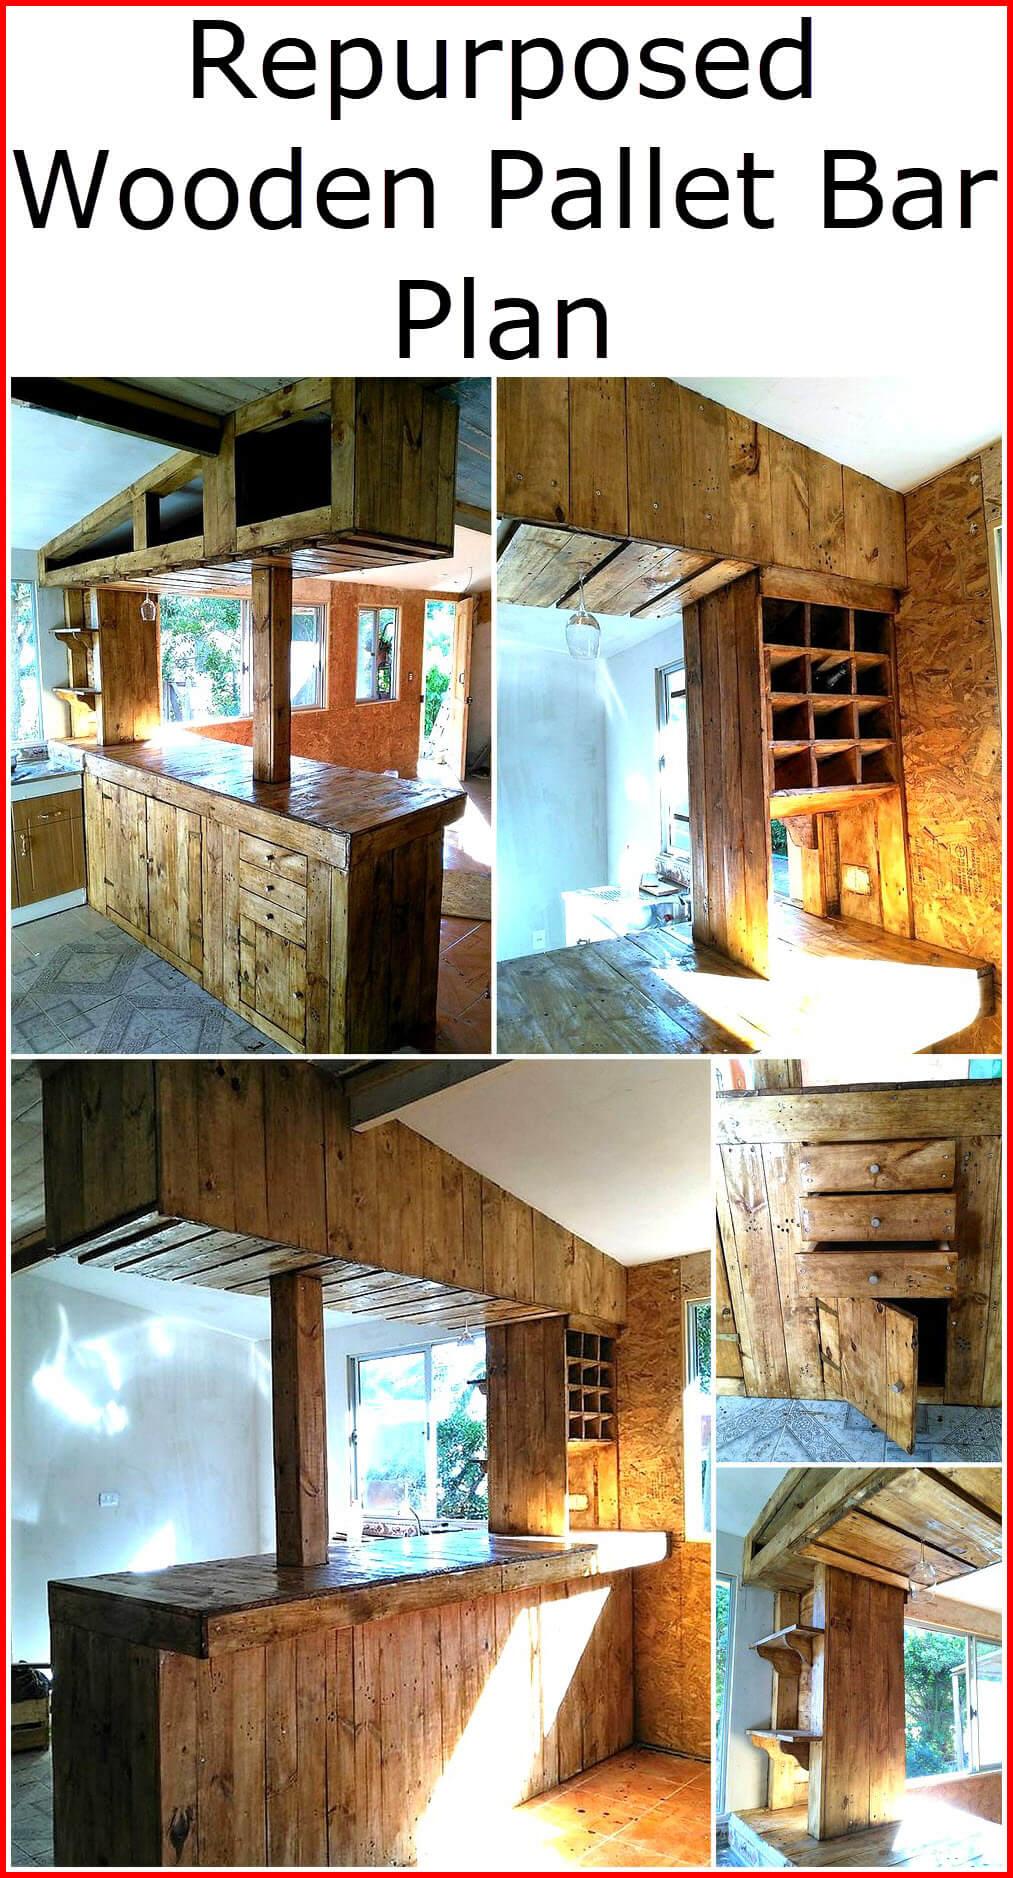 Repurposed Wooden Pallet Bar Plan